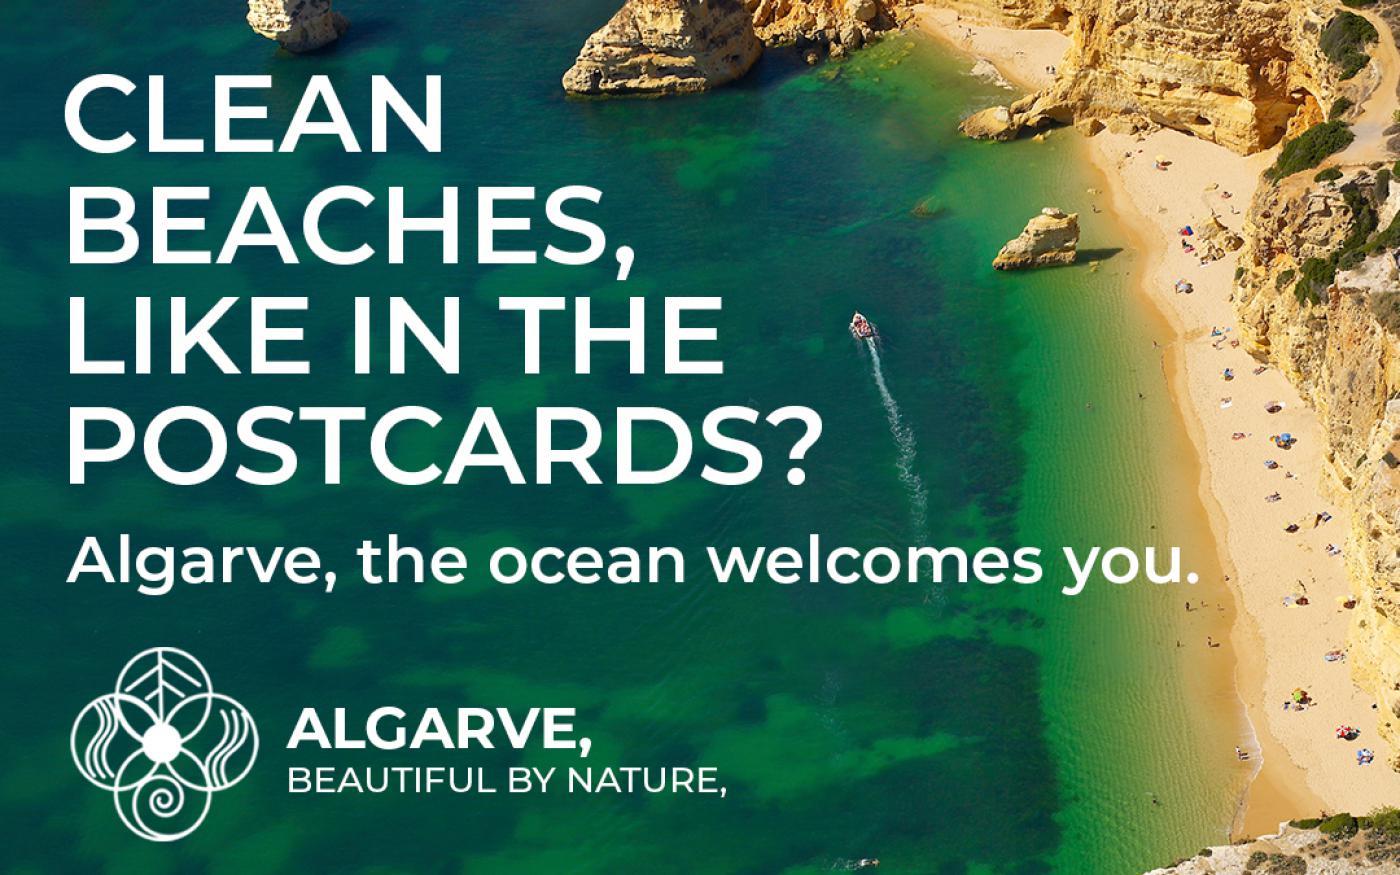 Algarve, van nature beeldschoon